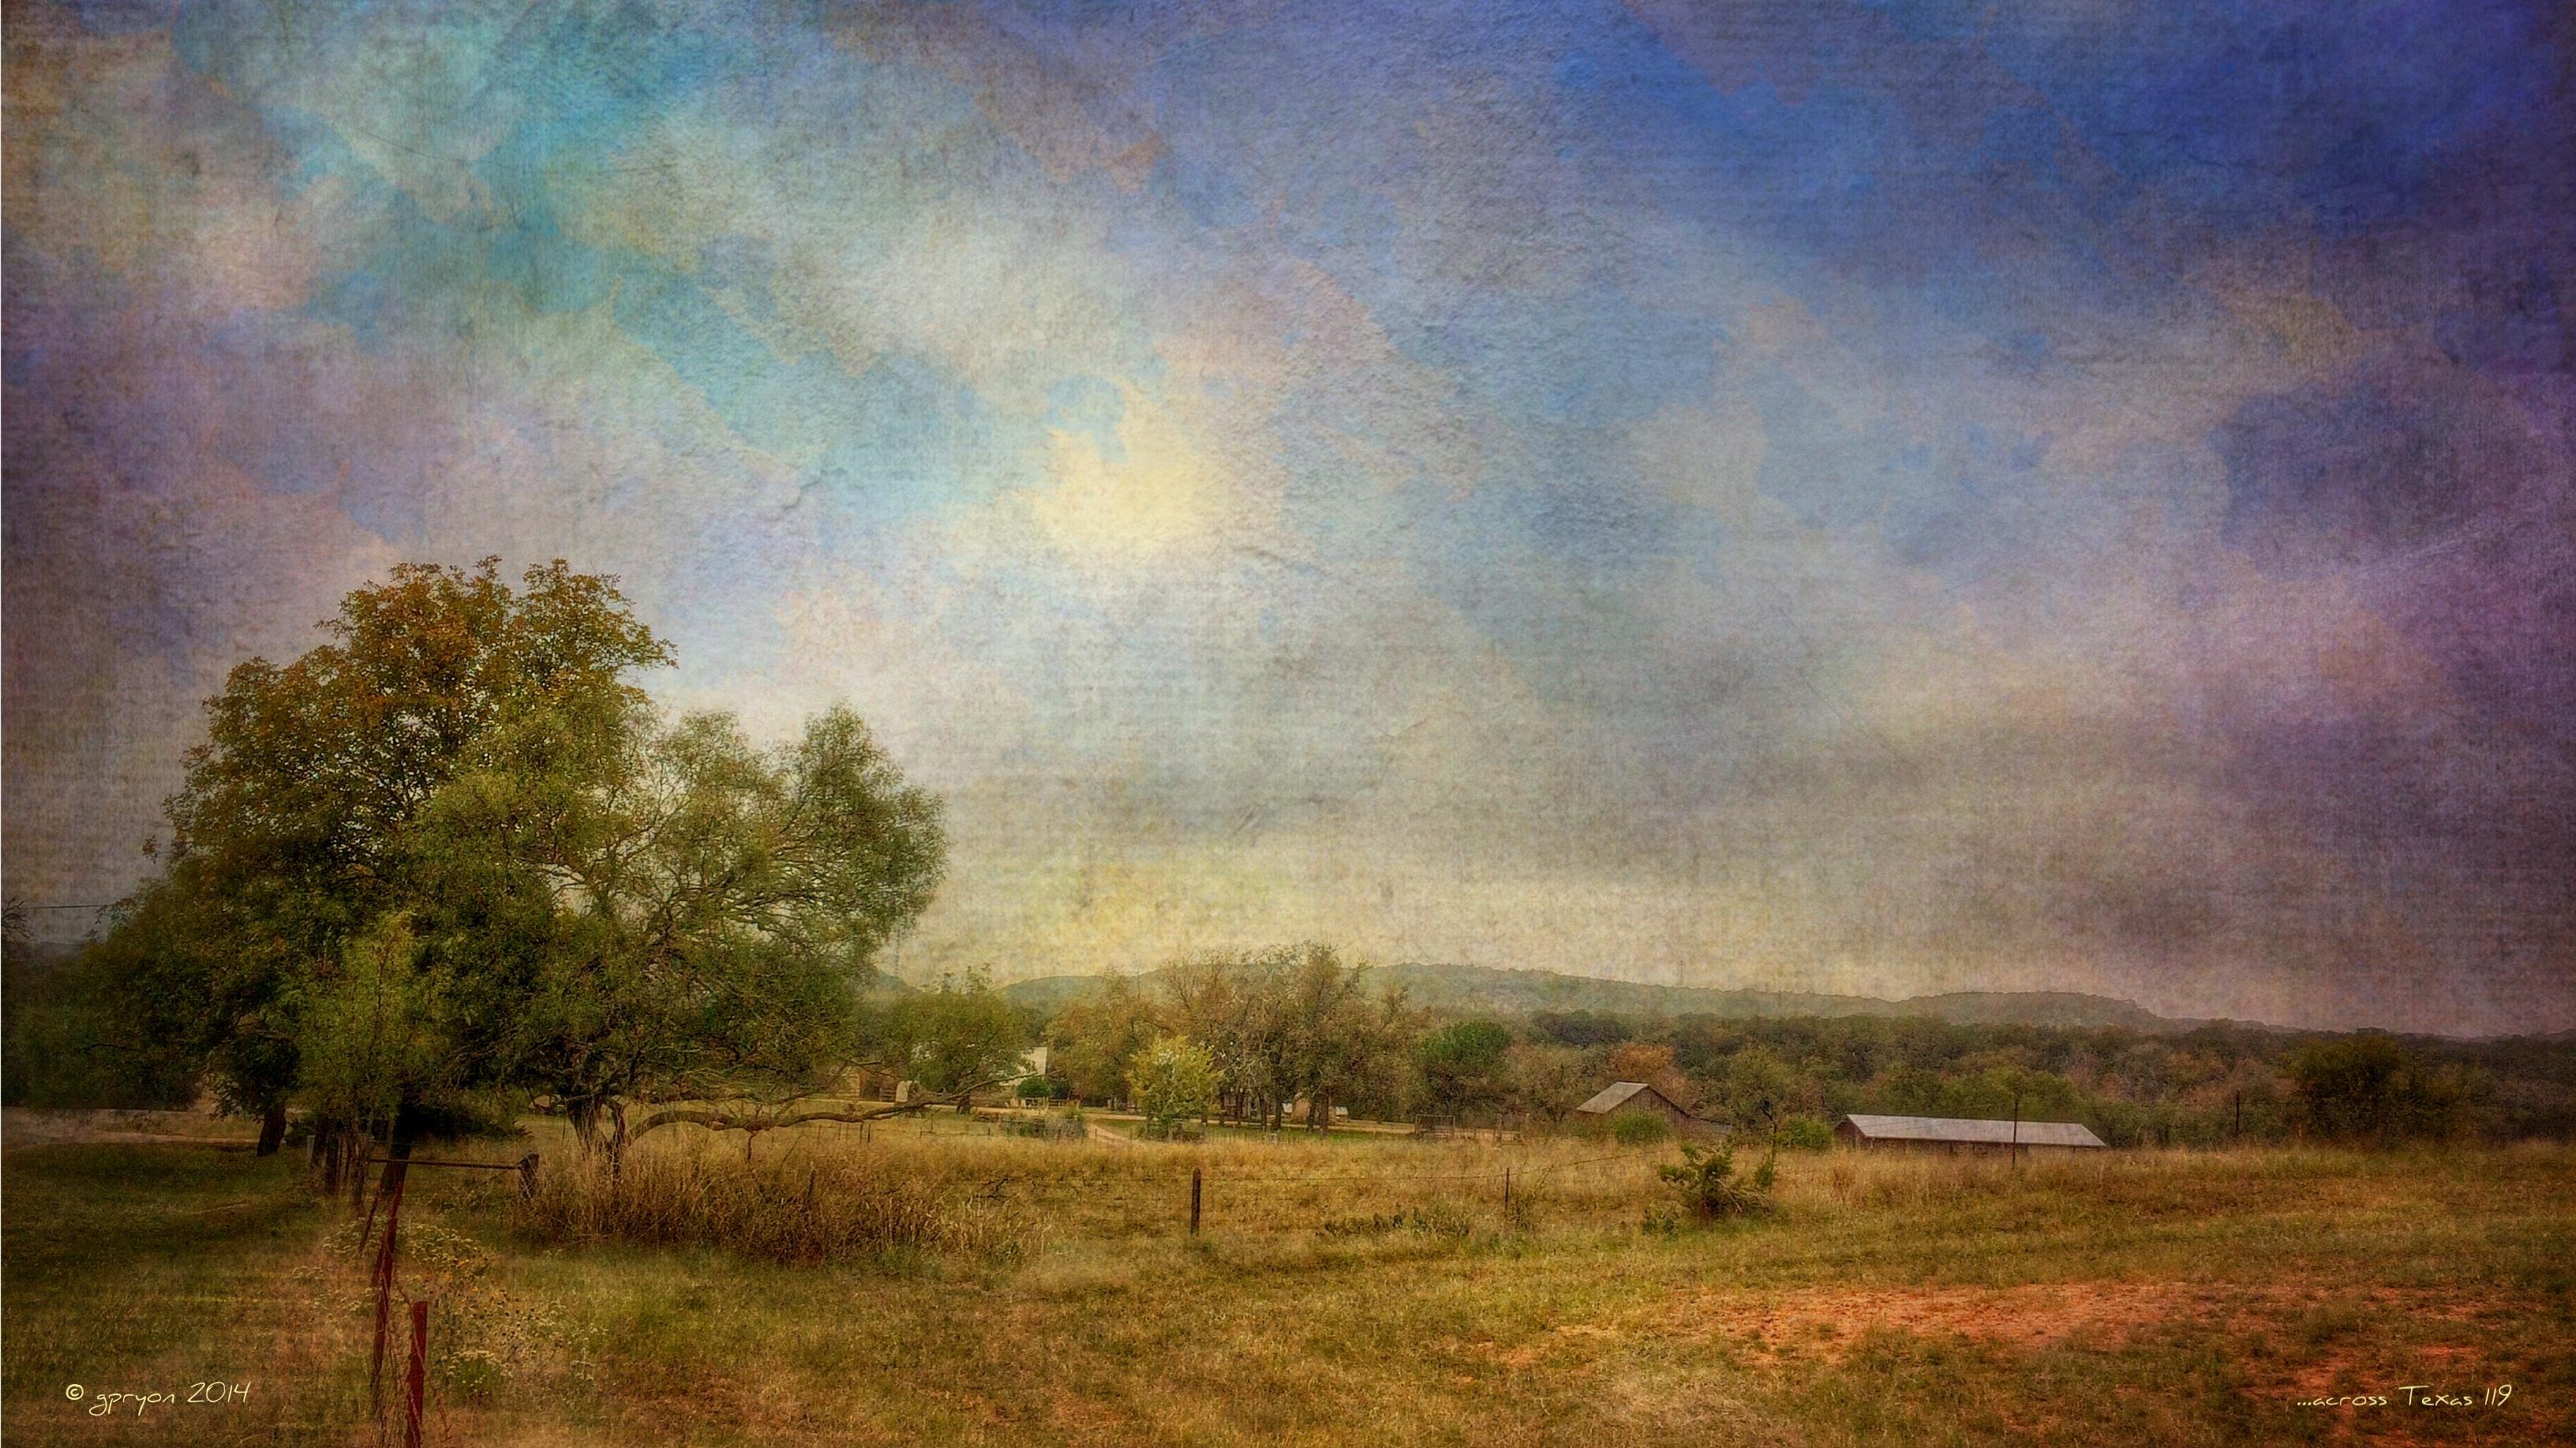 Garry Ryon ~ … around Texas 119